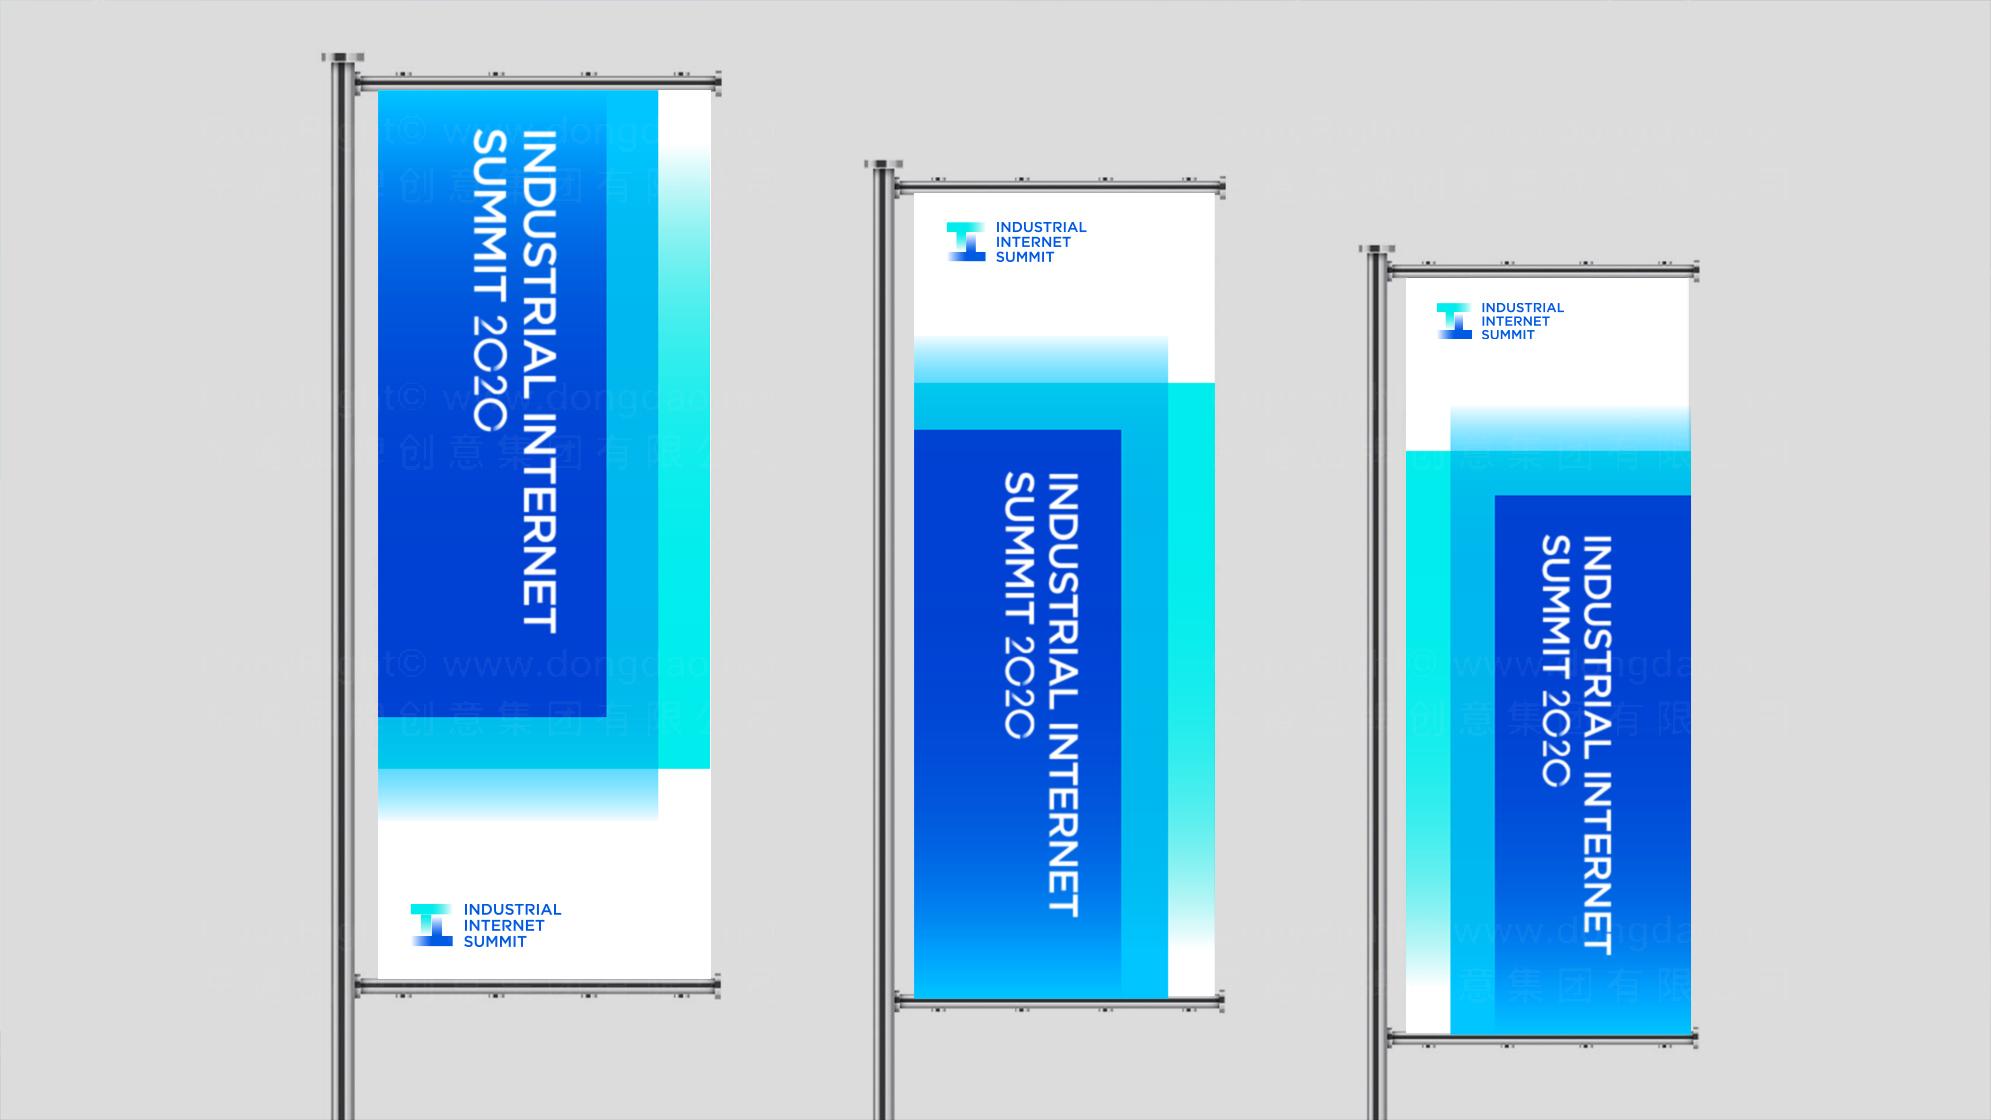 品牌设计工业互联网峰会LOGO设计应用场景_3